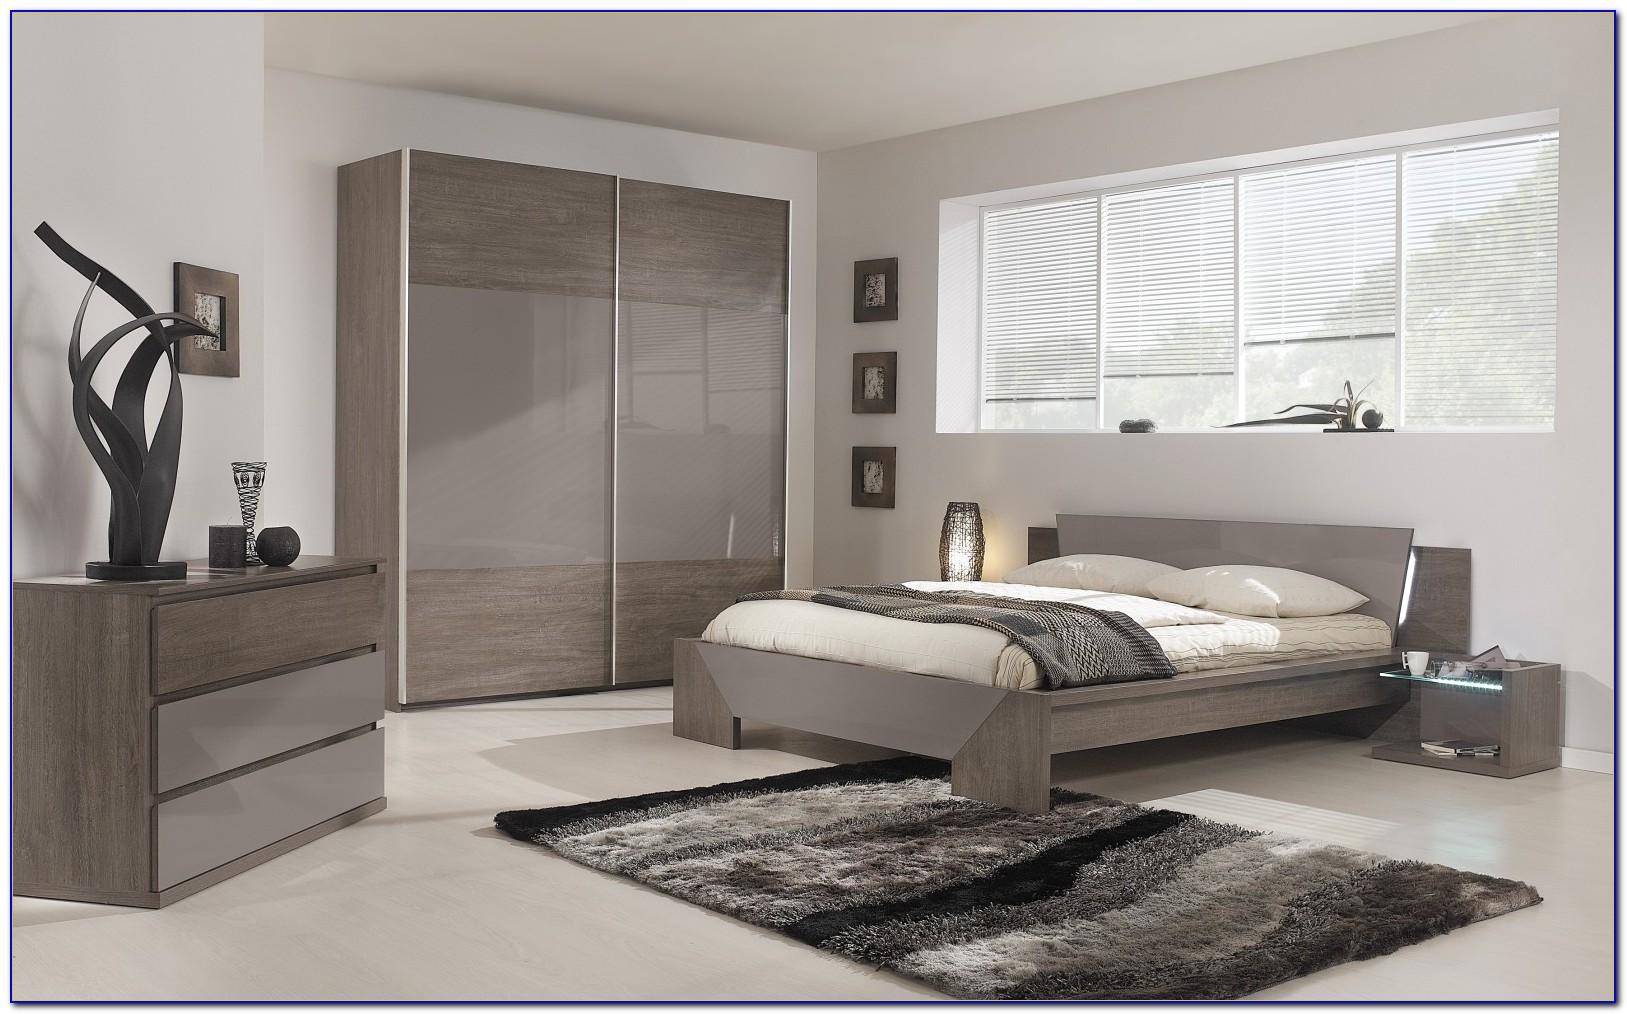 Modern White Furniture For Bedroom